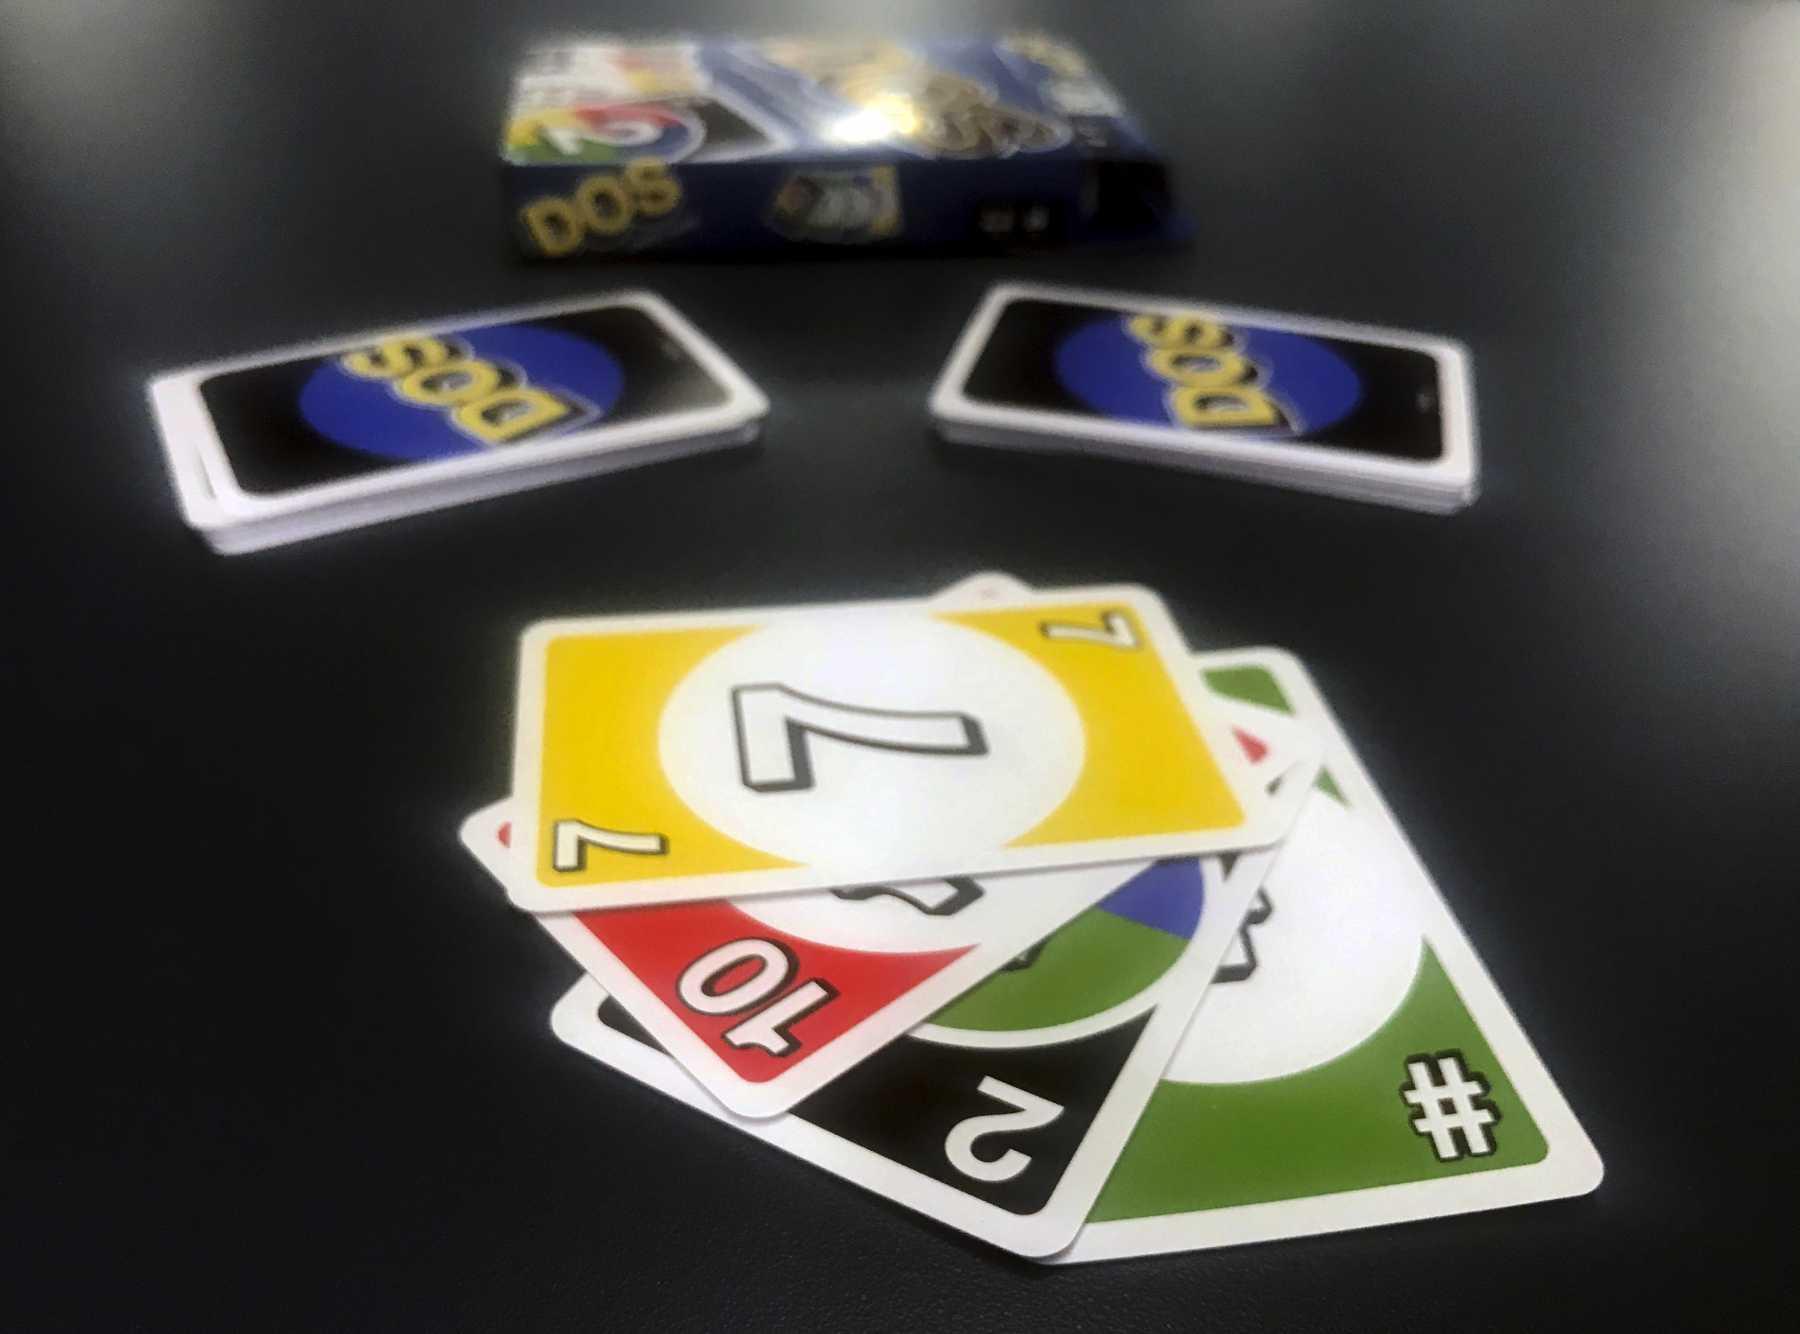 Uno Card Game Finally Gets A Sequel | UNO